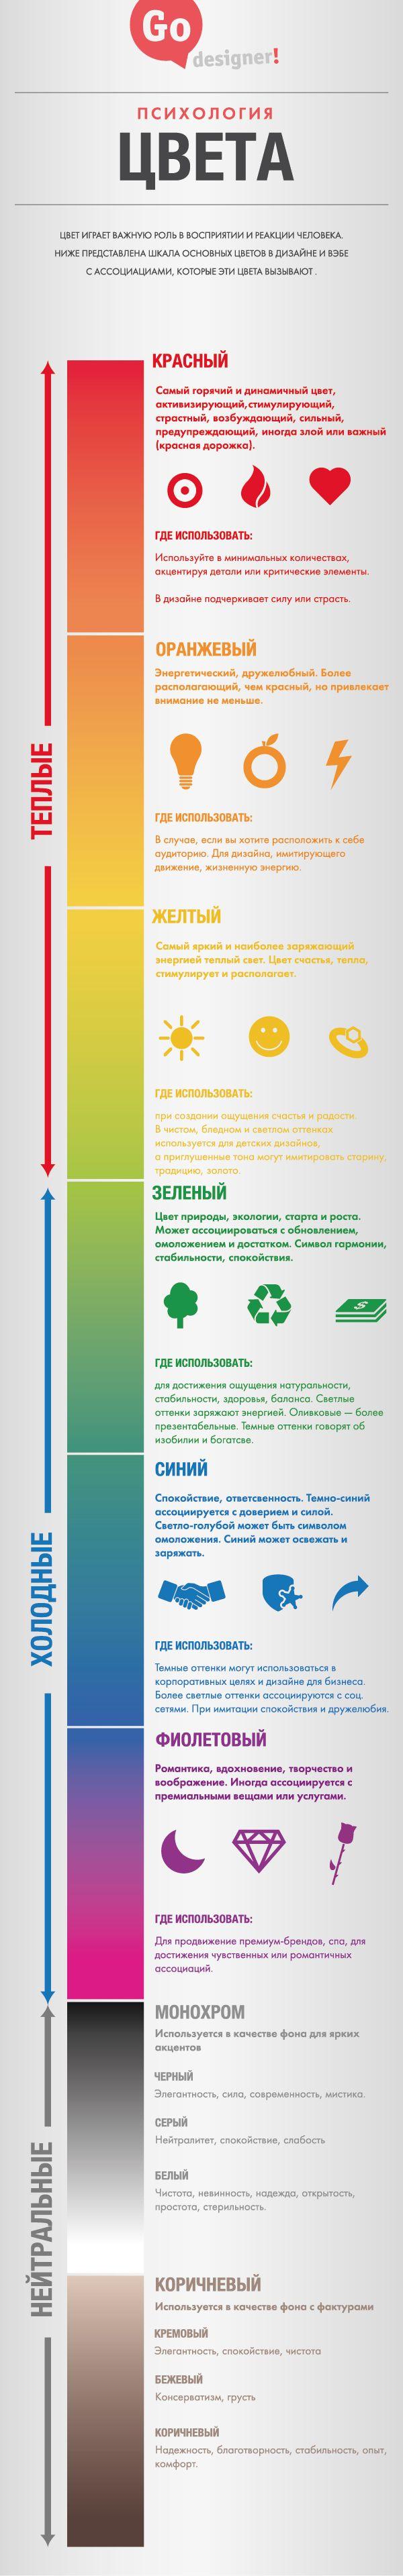 ЦВЕТ В ДИЗАЙНЕ  Инфографика от команды Go Designer, которая поможет вам разобраться с чувственным восприятием.